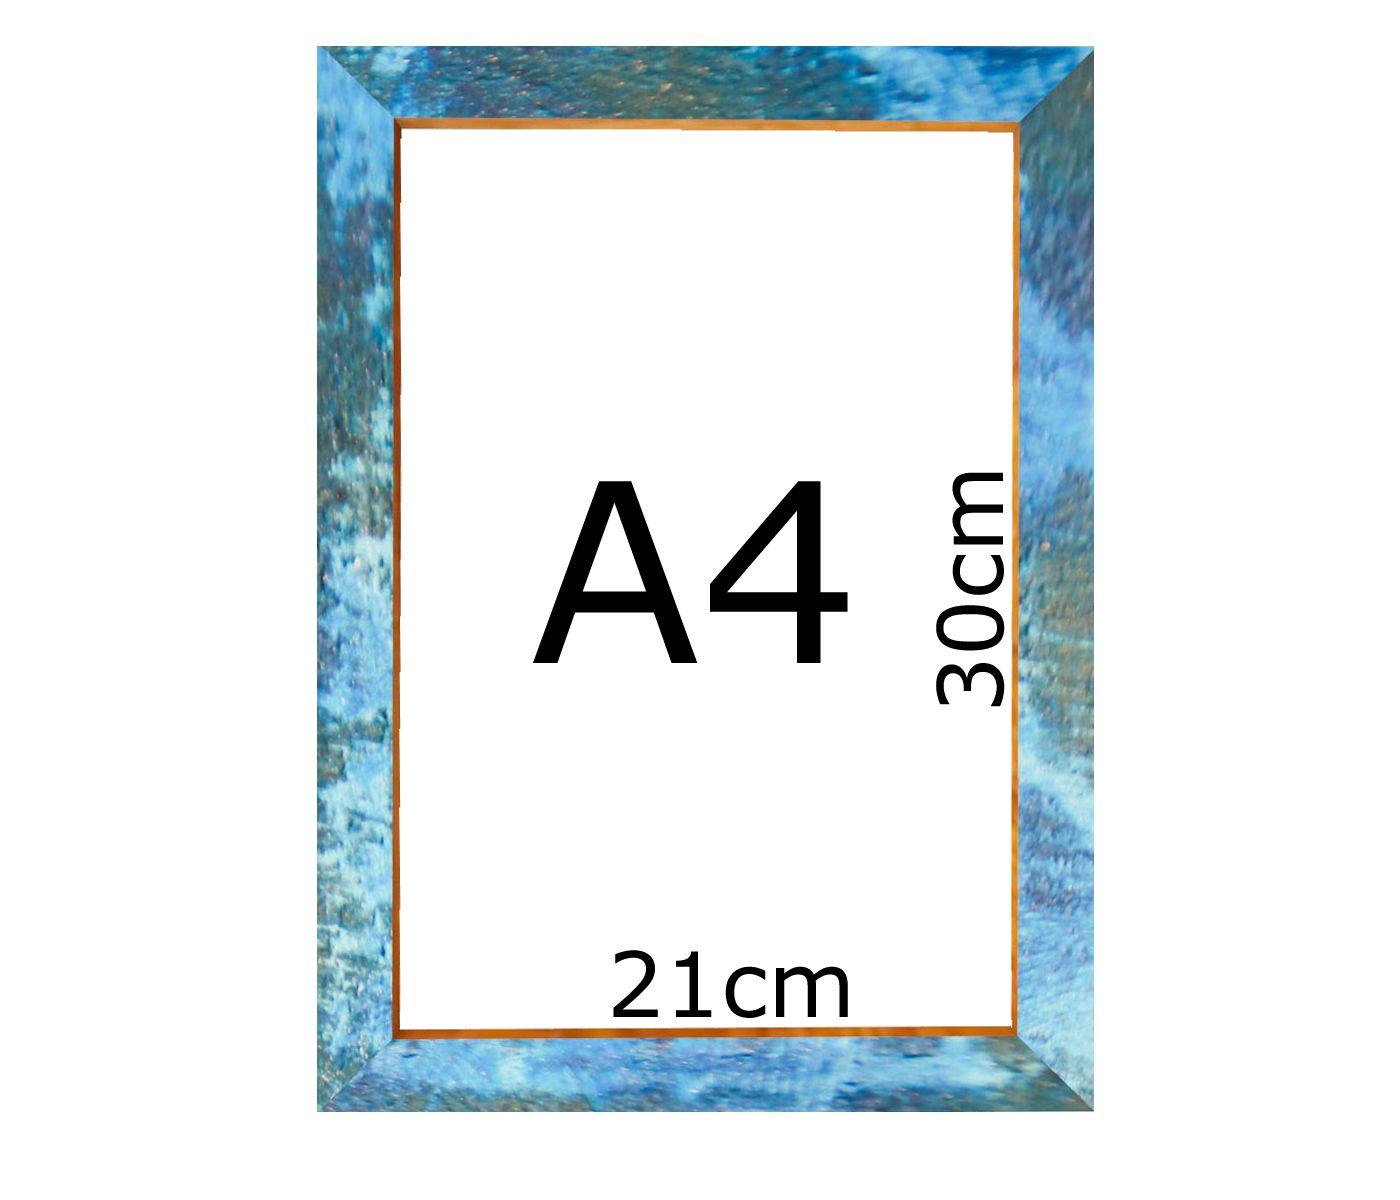 Kit 2 Quadro Moldura A4 (21x30) Azul Em Madeira Com Vidro